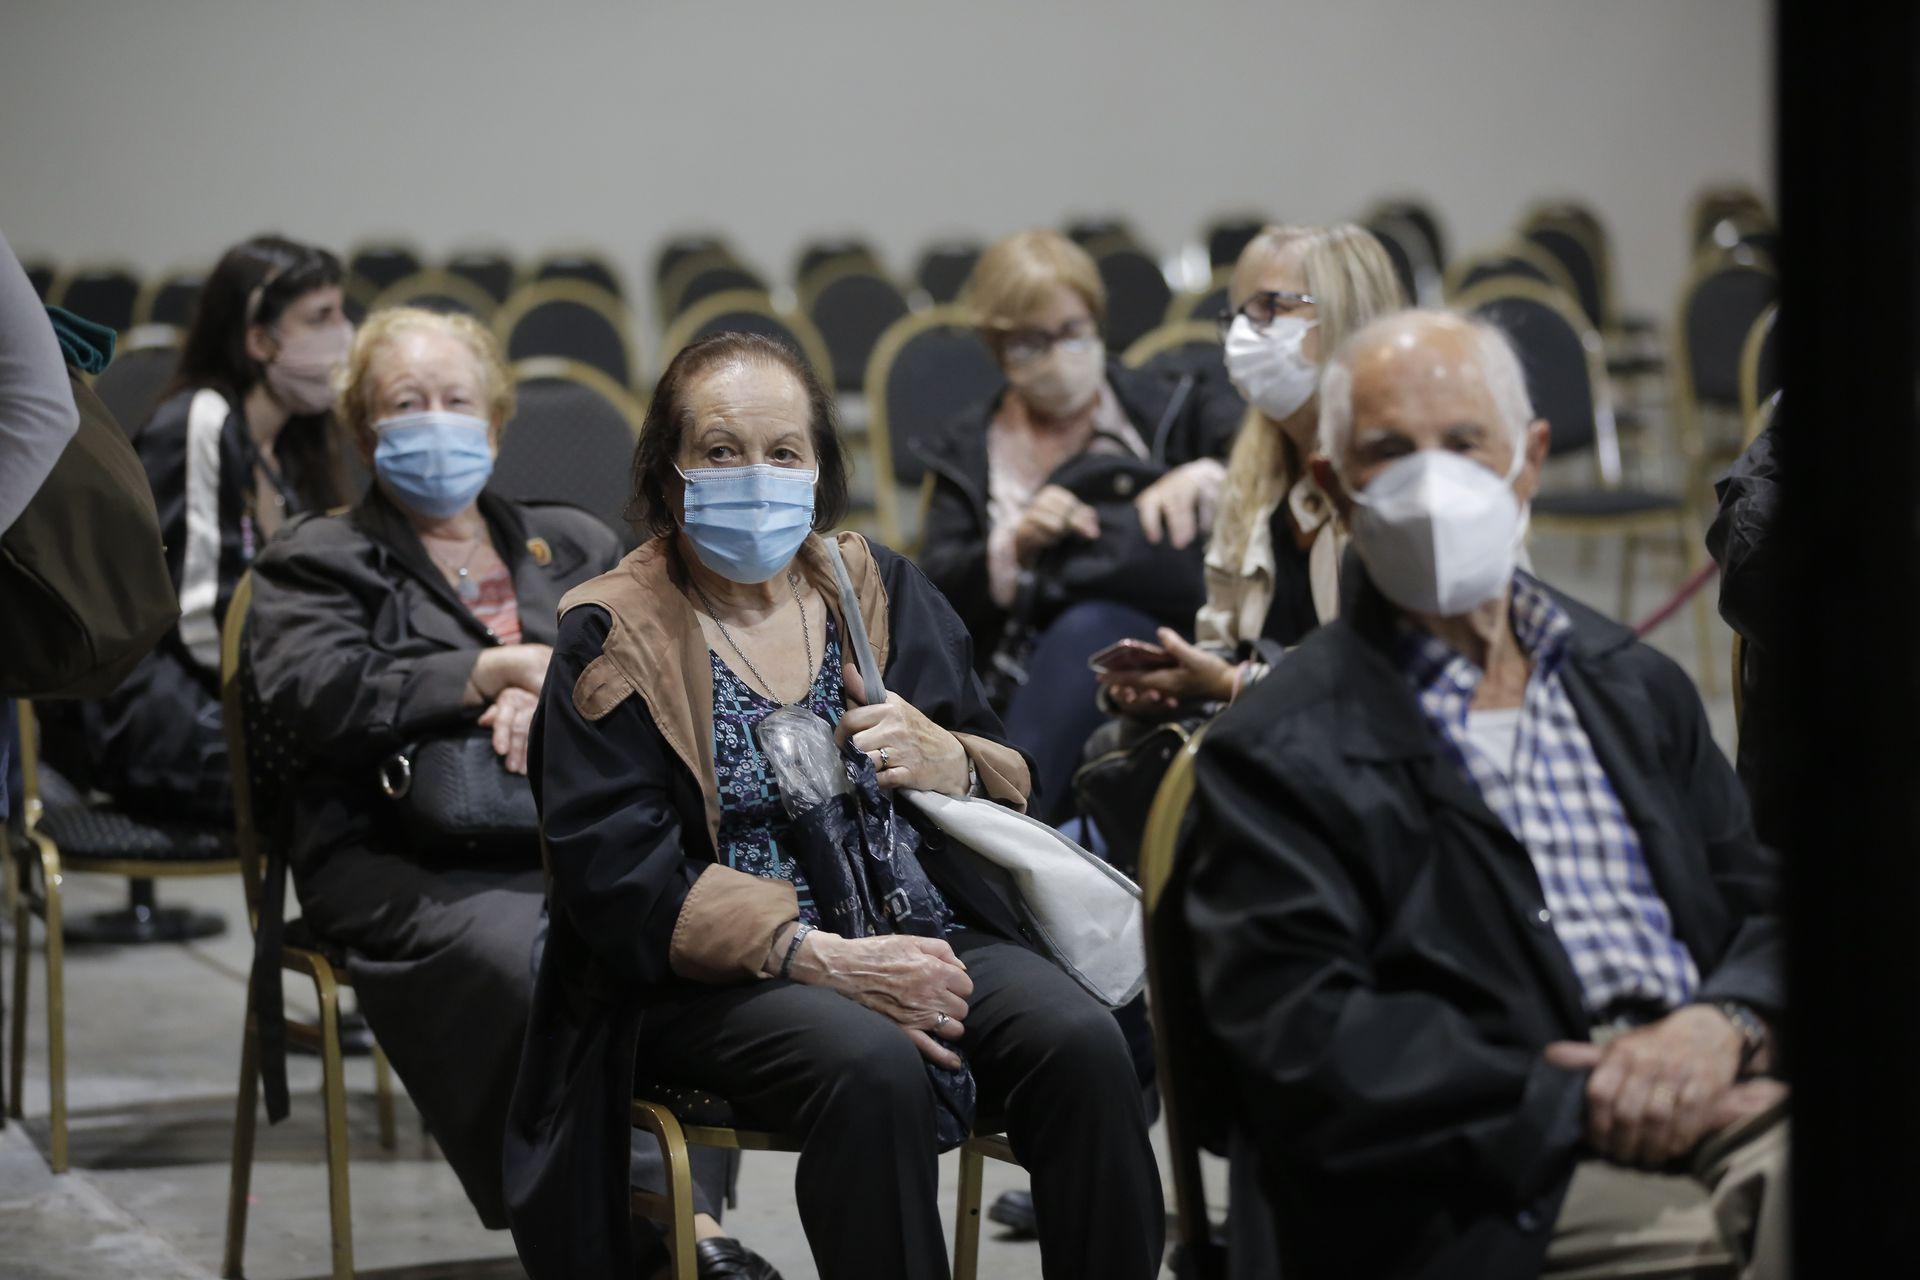 Si bien no se definió si existe la necesidad de una tercera dosis de la vacuna, las personas de edad avanzada pueden llegar a requerir un refuerzo